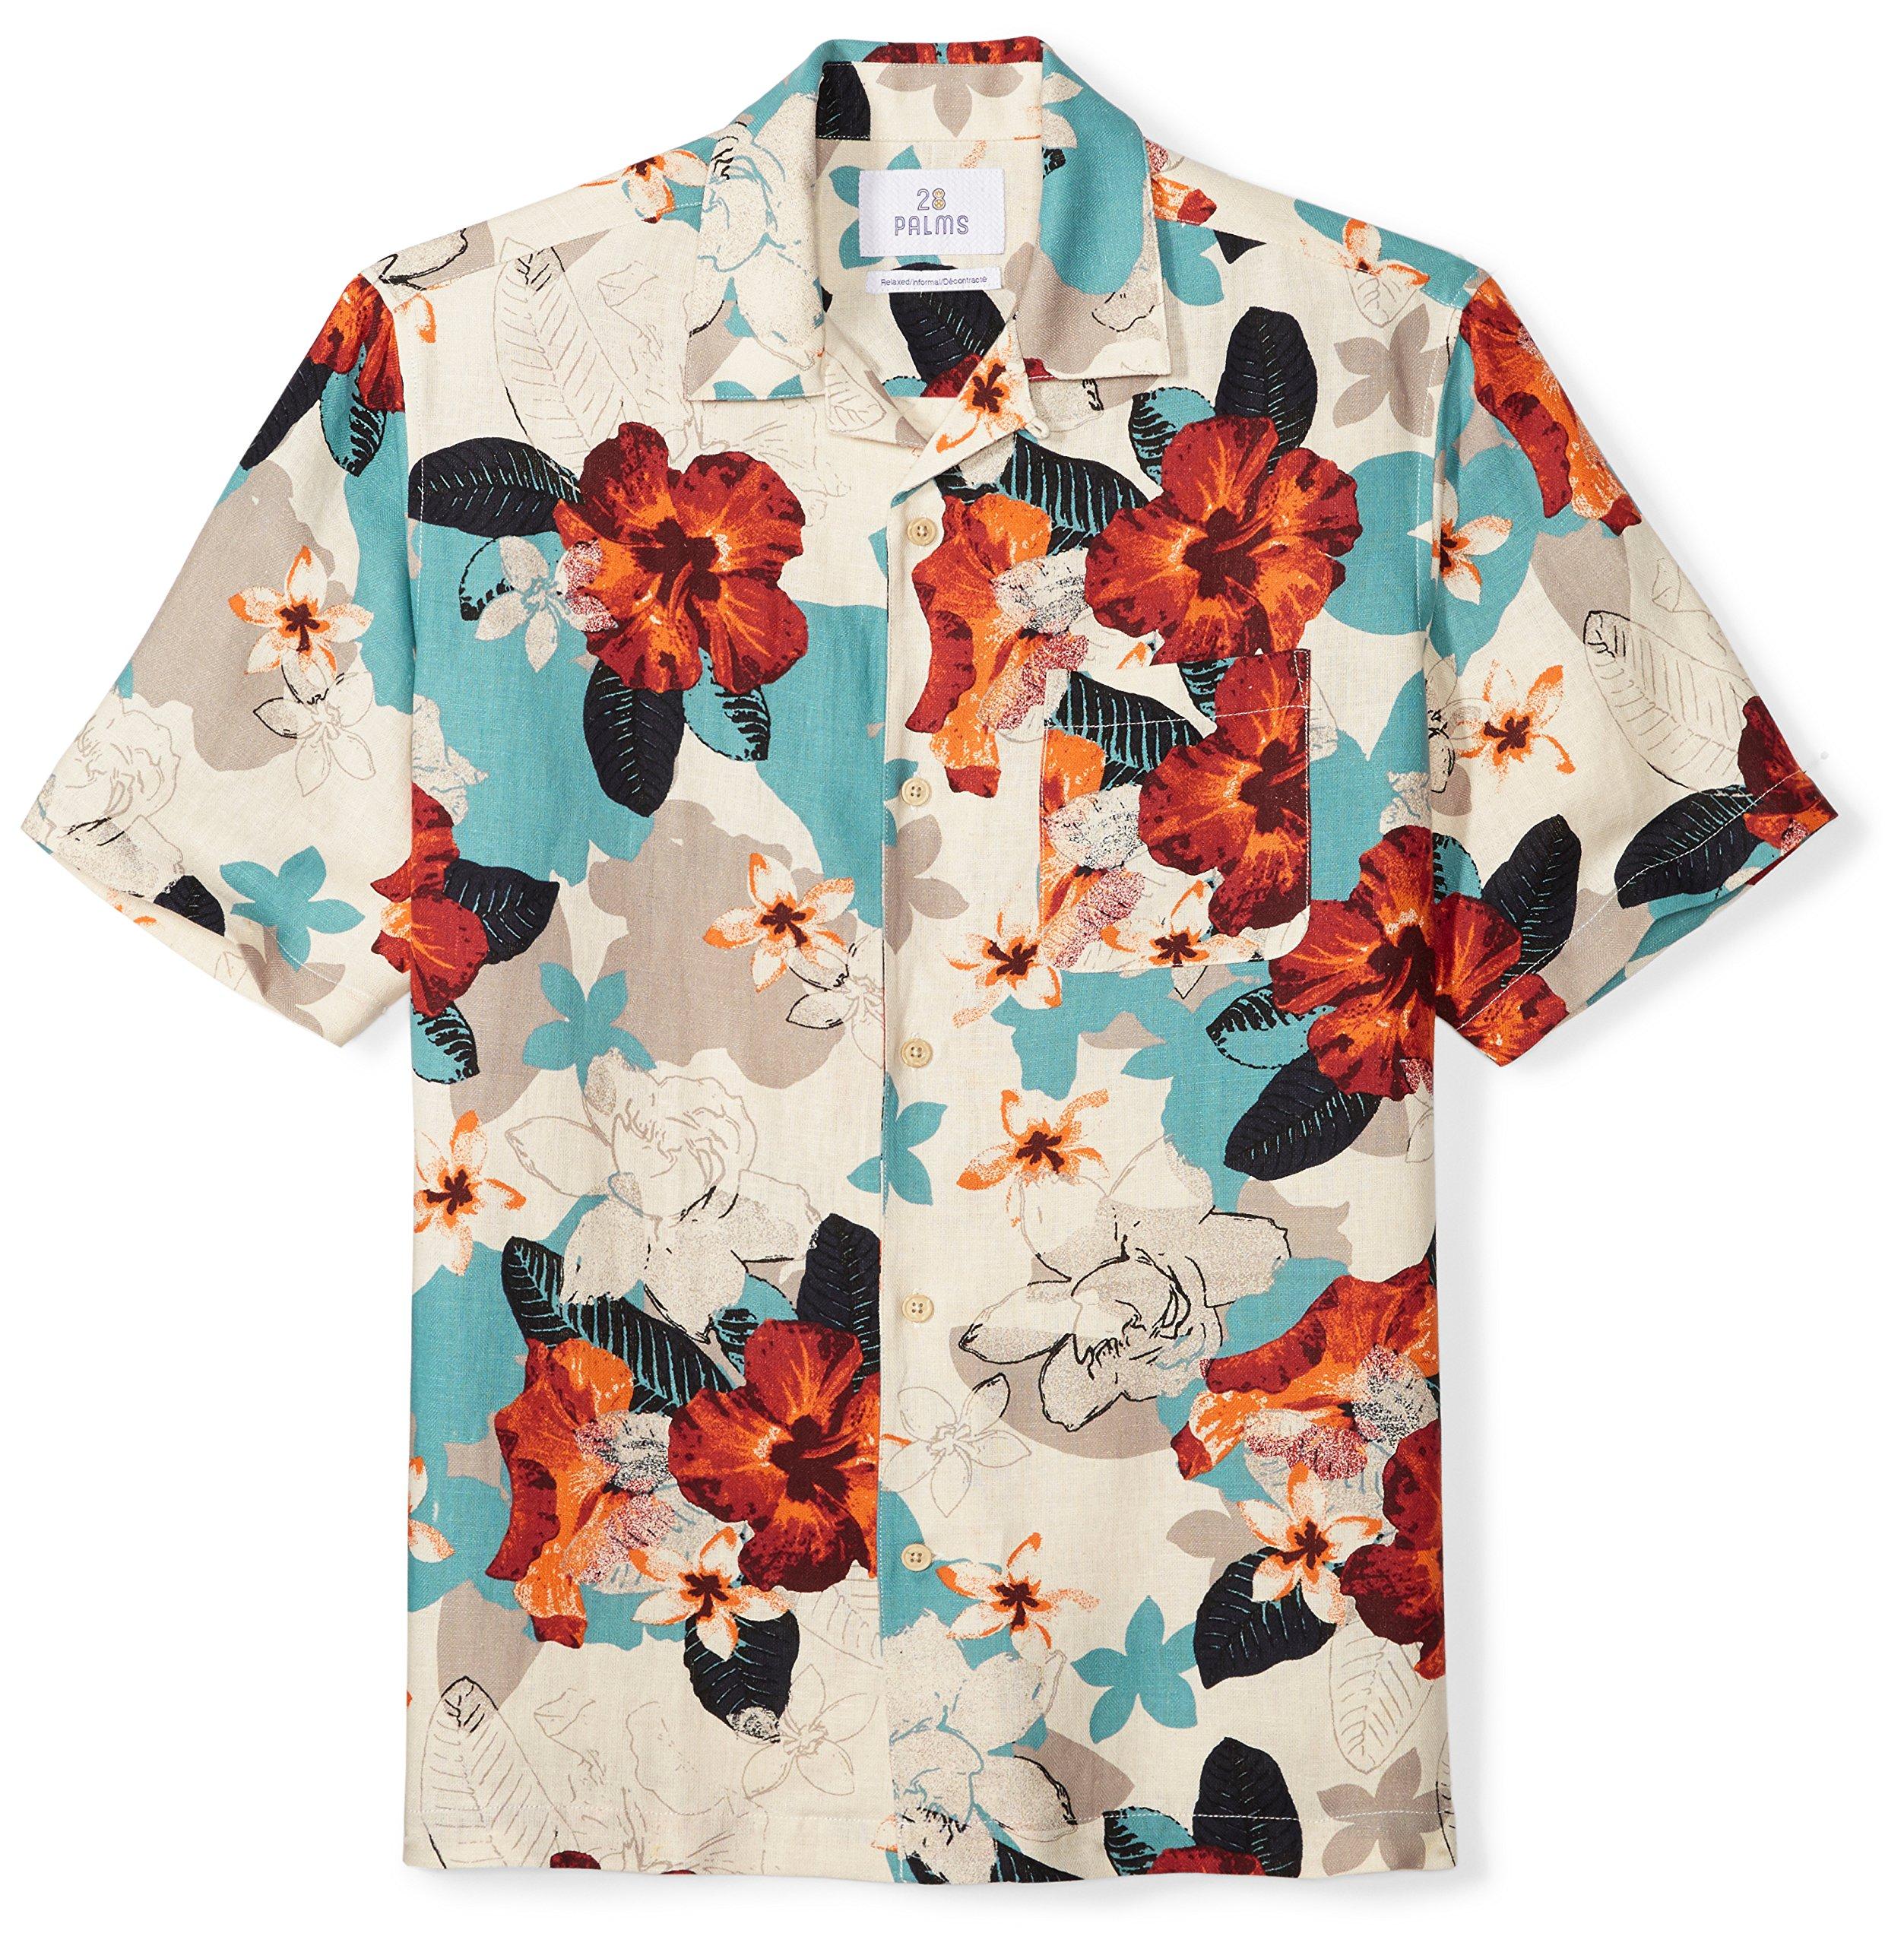 97dd3e29 Galleon - 28 Palms Men's Relaxed-Fit Silk/Linen Tropical Hawaiian Shirt,  Natural/Blue/Pink Floral, Medium